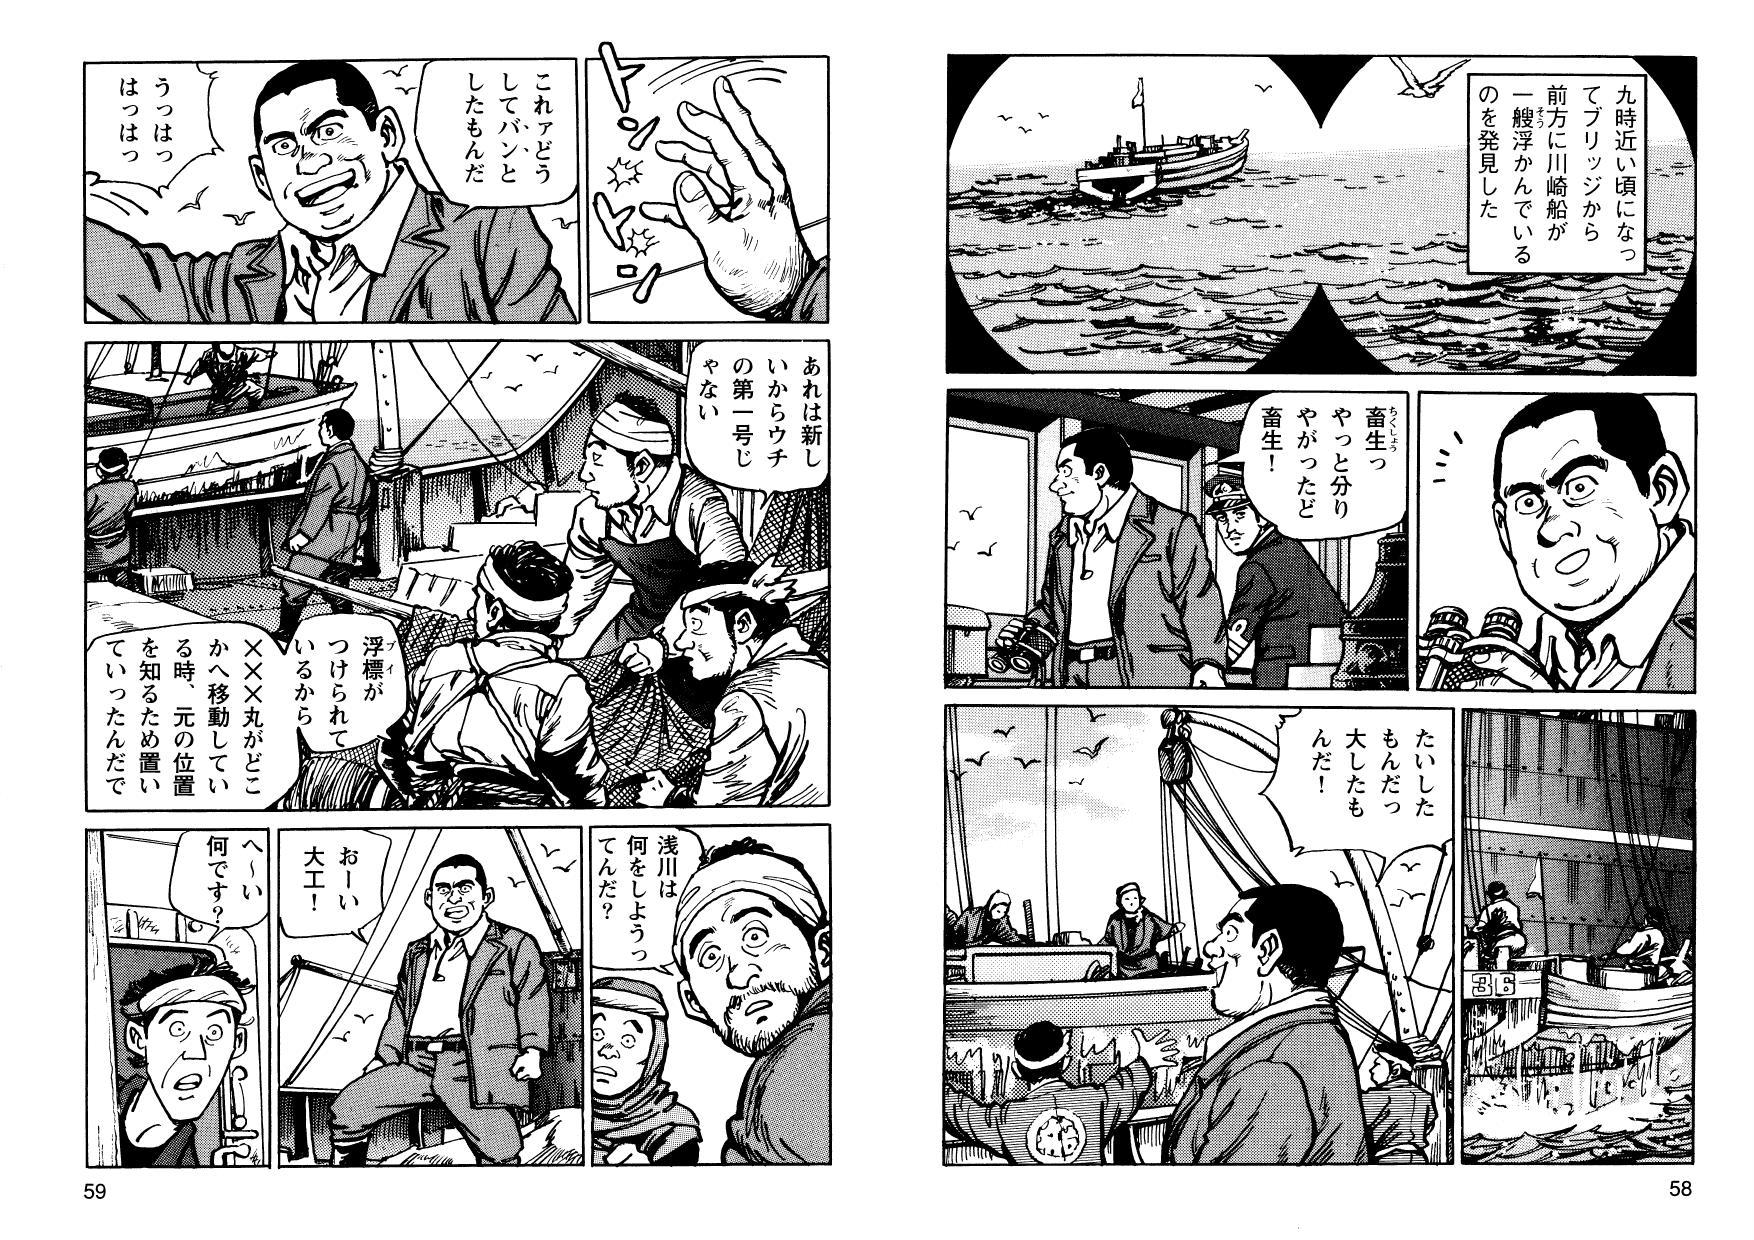 kani_cmc_000030.jpg